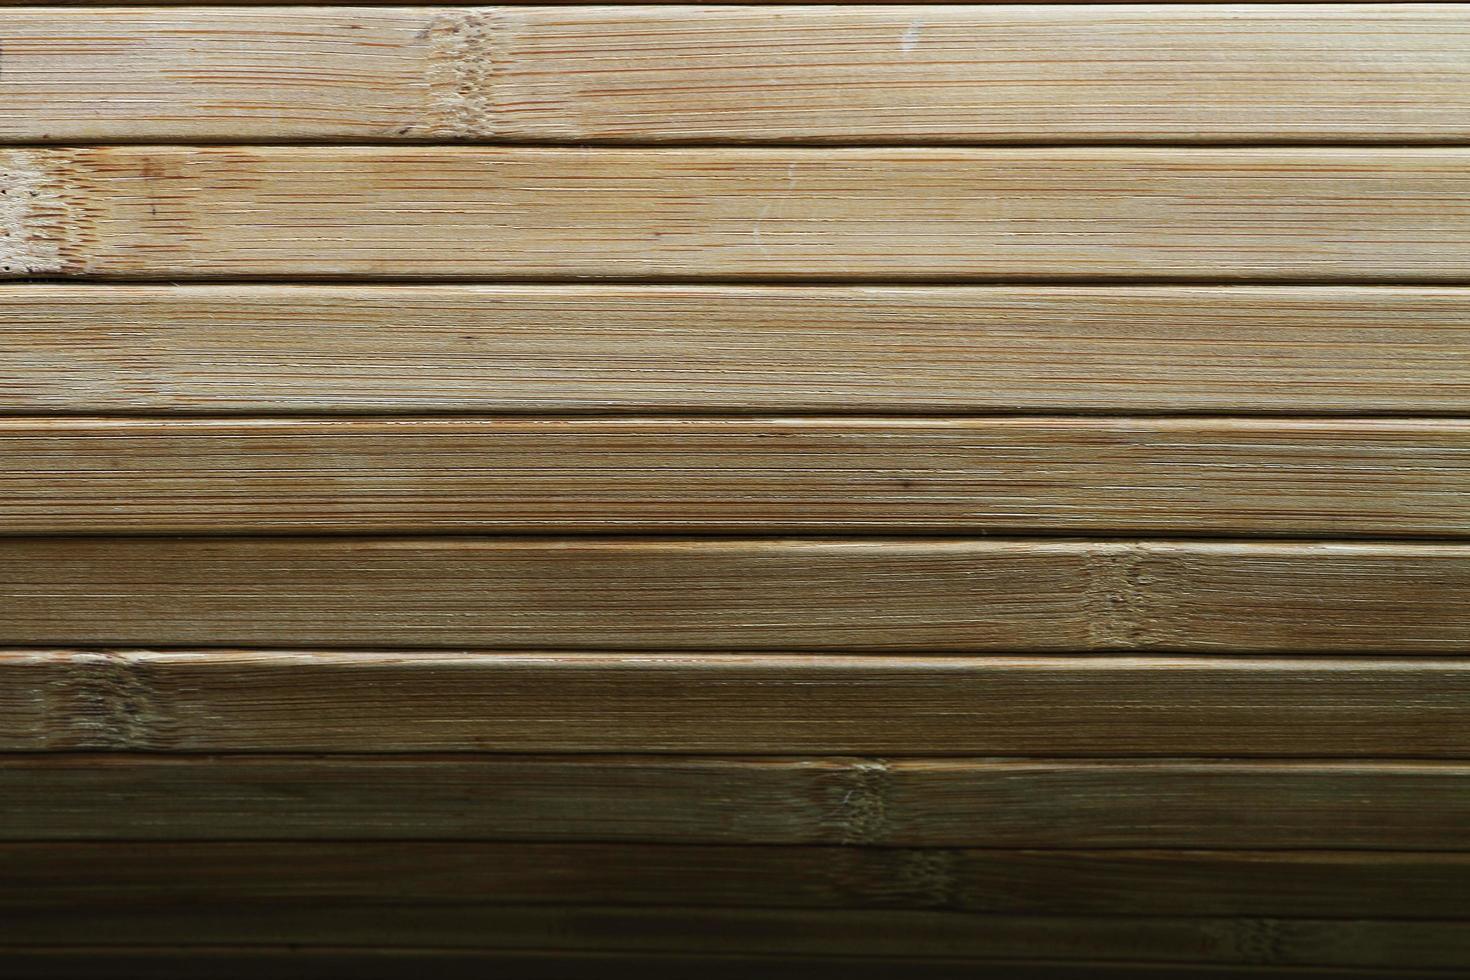 persiane in legno massello di qualità. foto